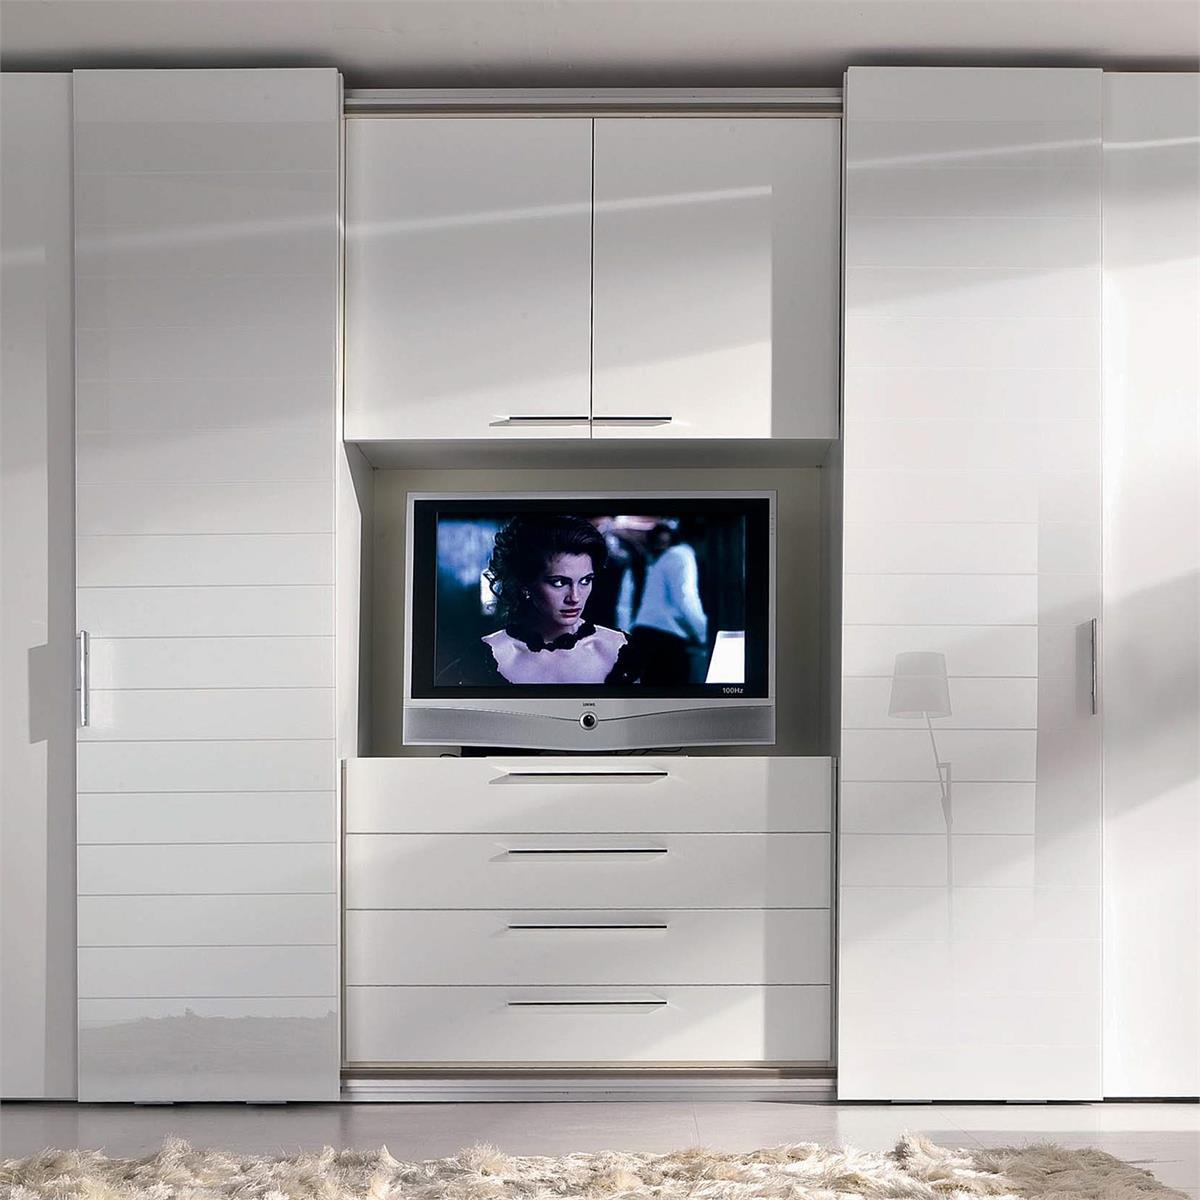 """Телевизор встроеный в шкаф-купе"""" - карточка пользователя cat."""